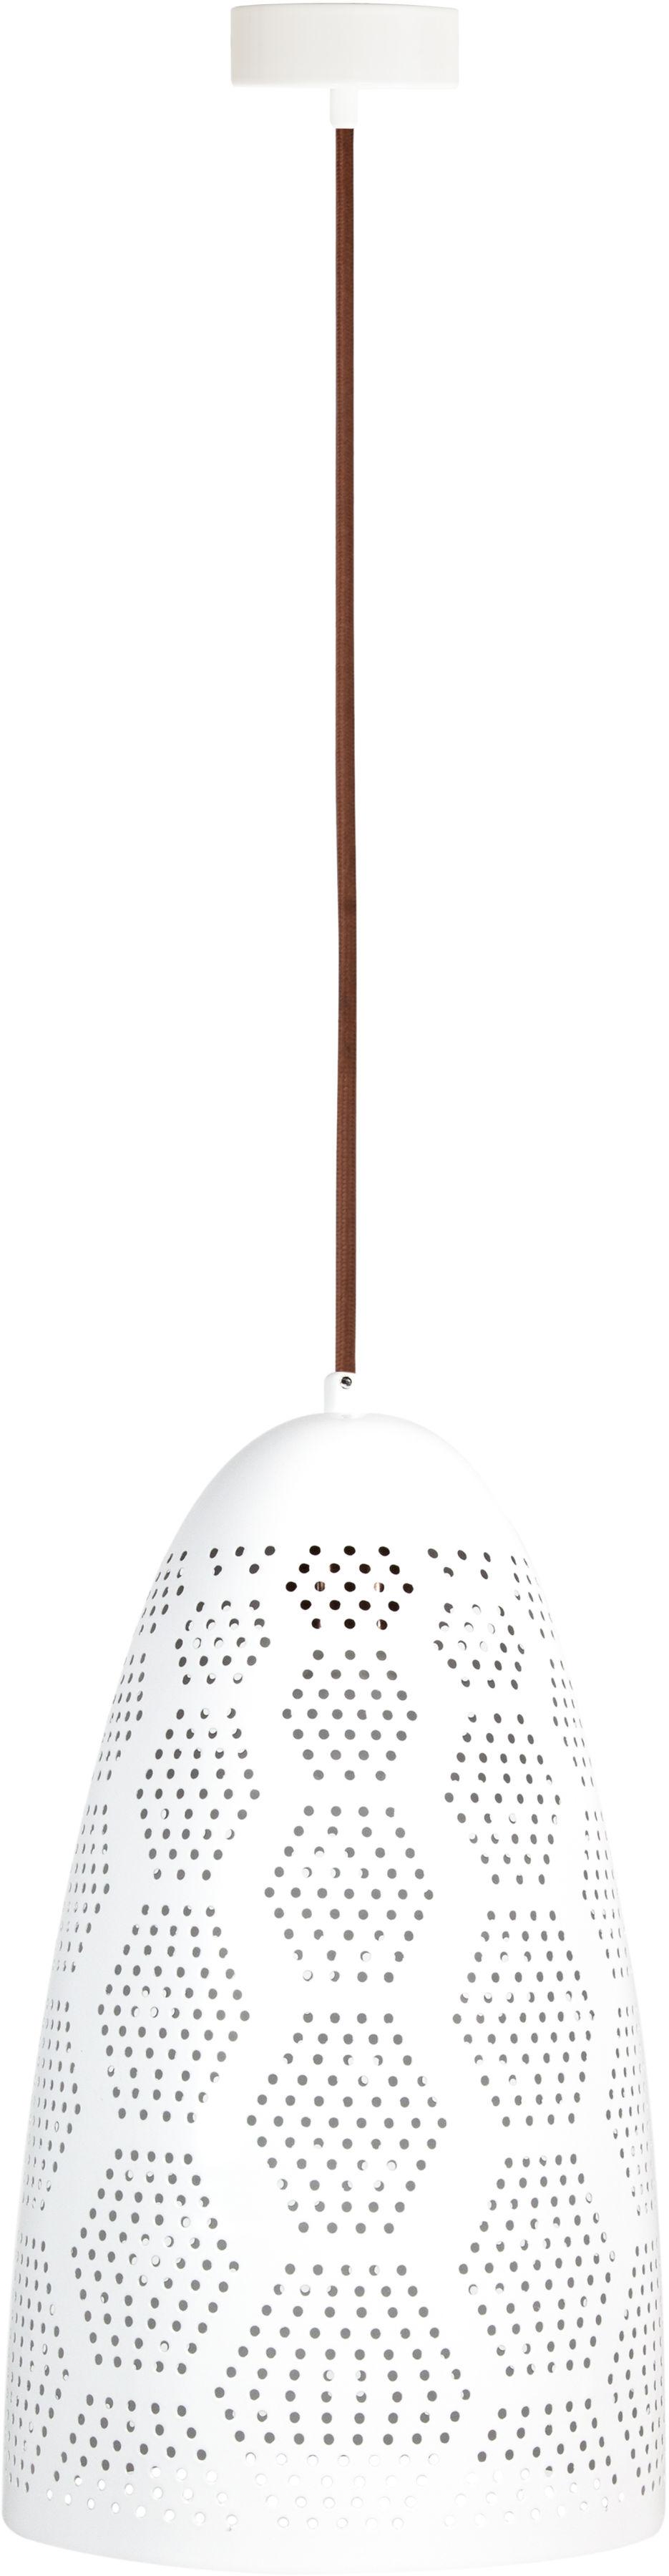 Candellux BENE 31-70593 lampa wisząca metalowy klosz ażurowy biały 1X60W E27 20cm